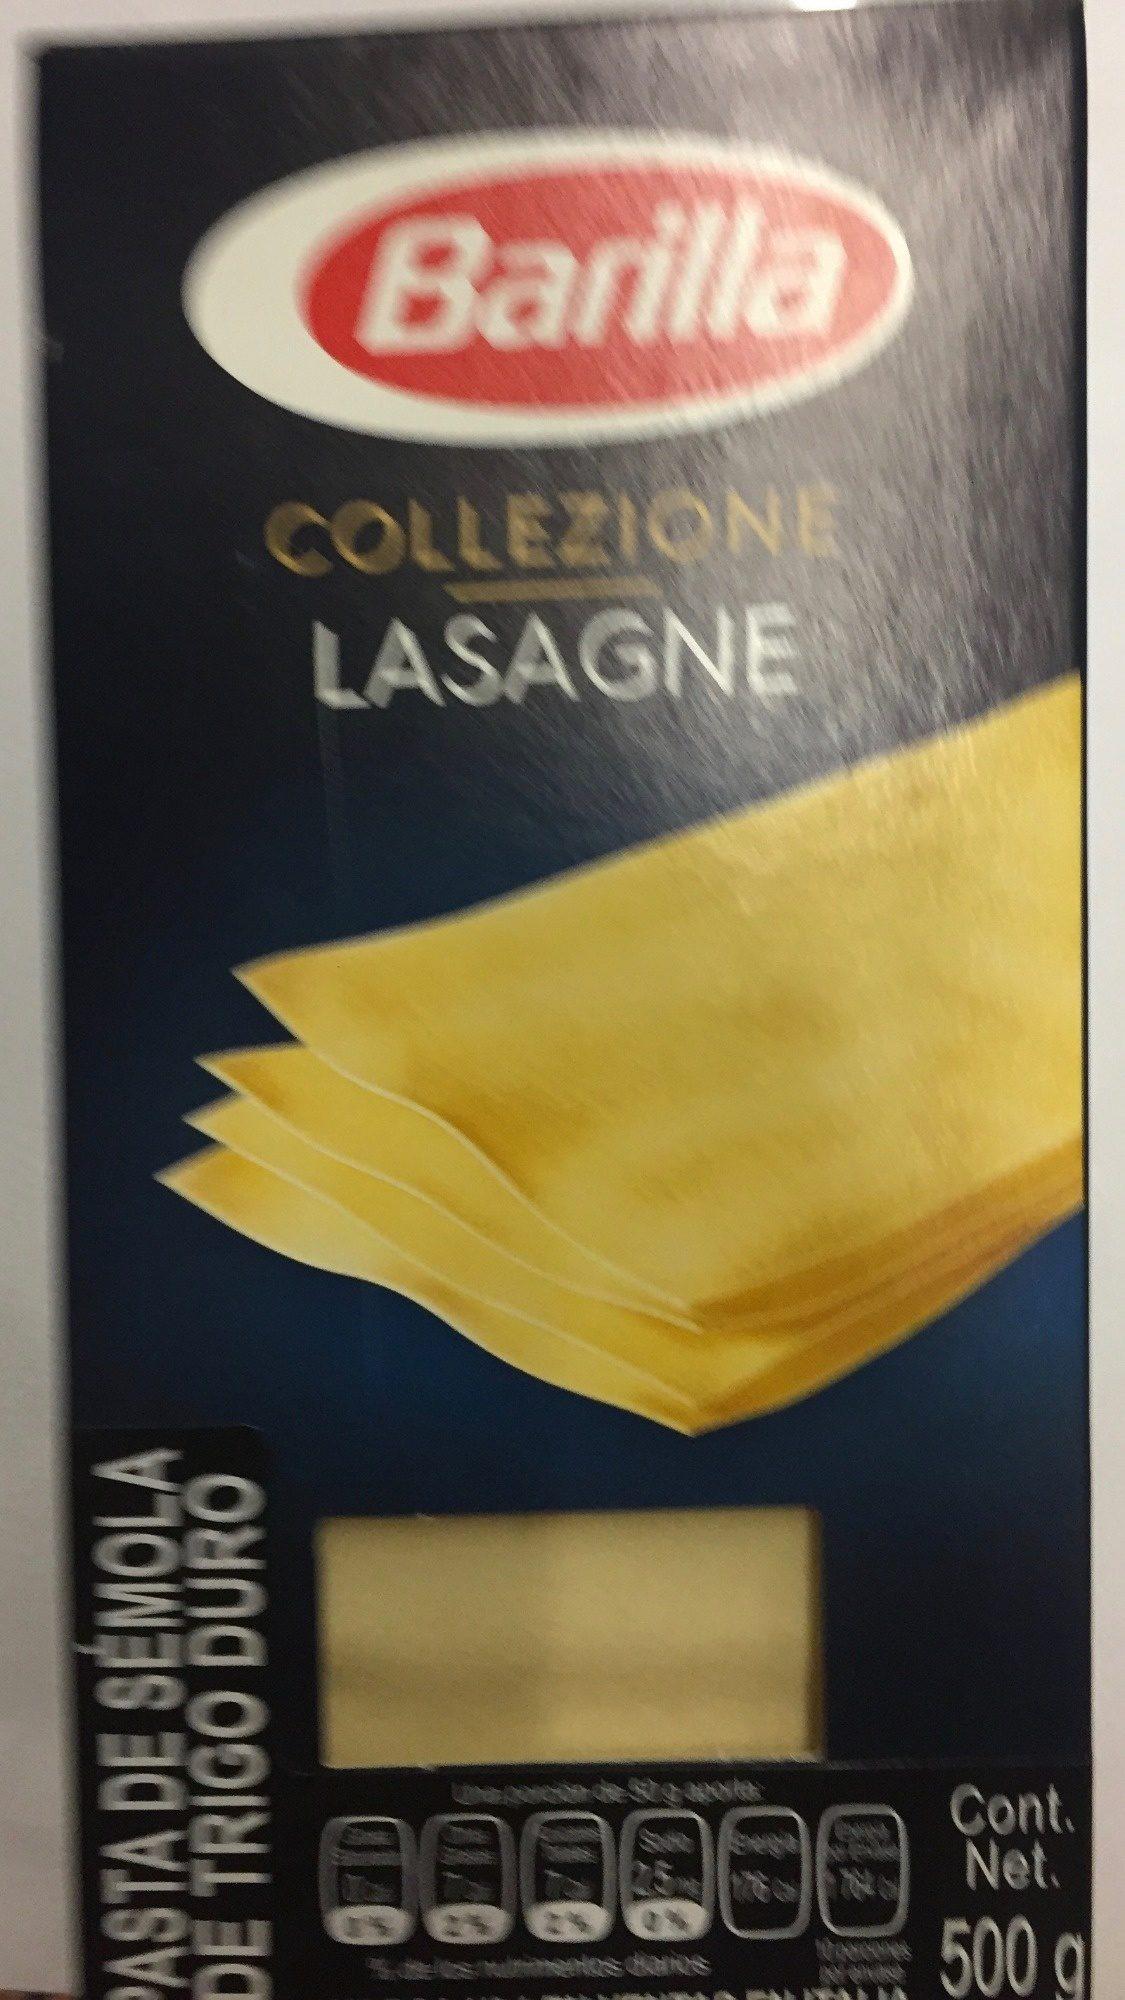 Collezione Lasagne Bolognesi - Producto - es